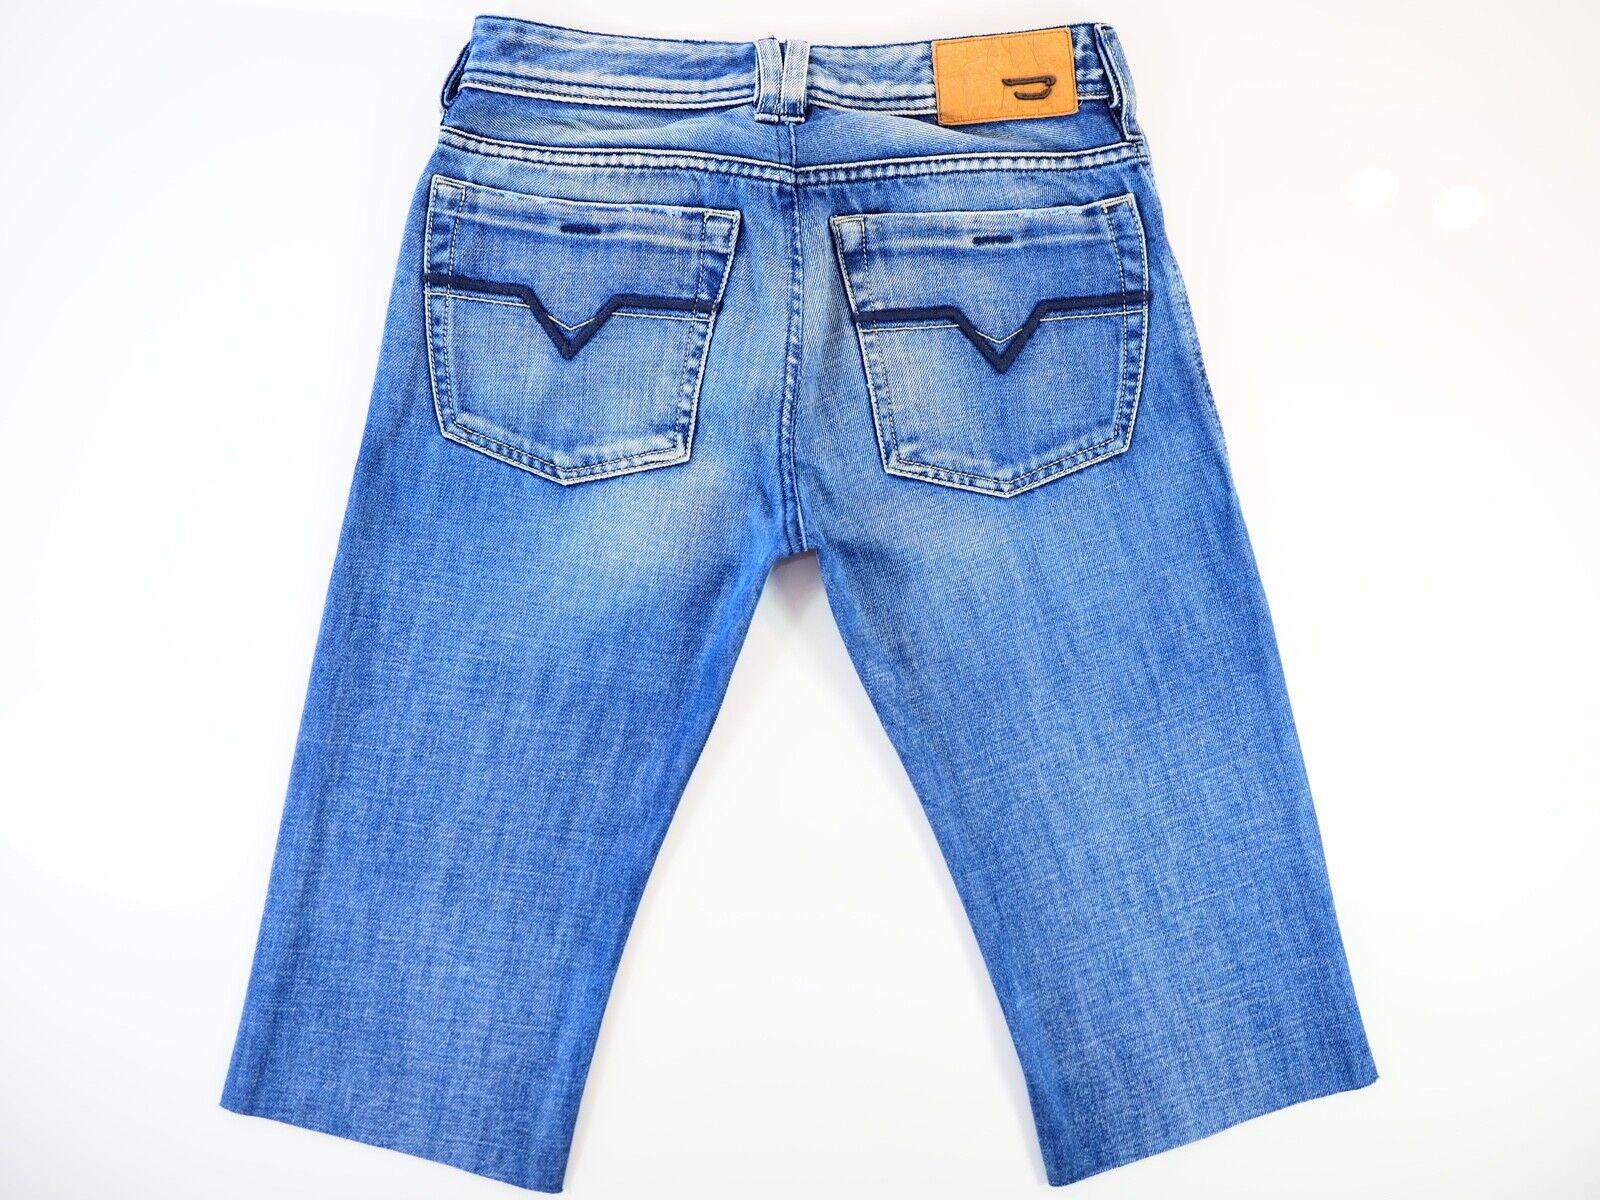 b0ce542d4a6ed Diesel pantalones ZATHAN Vaqueros   Diesel pantalones Diesel cortos de  mezclilla W27 Excelente Estado 008AT 27W ...